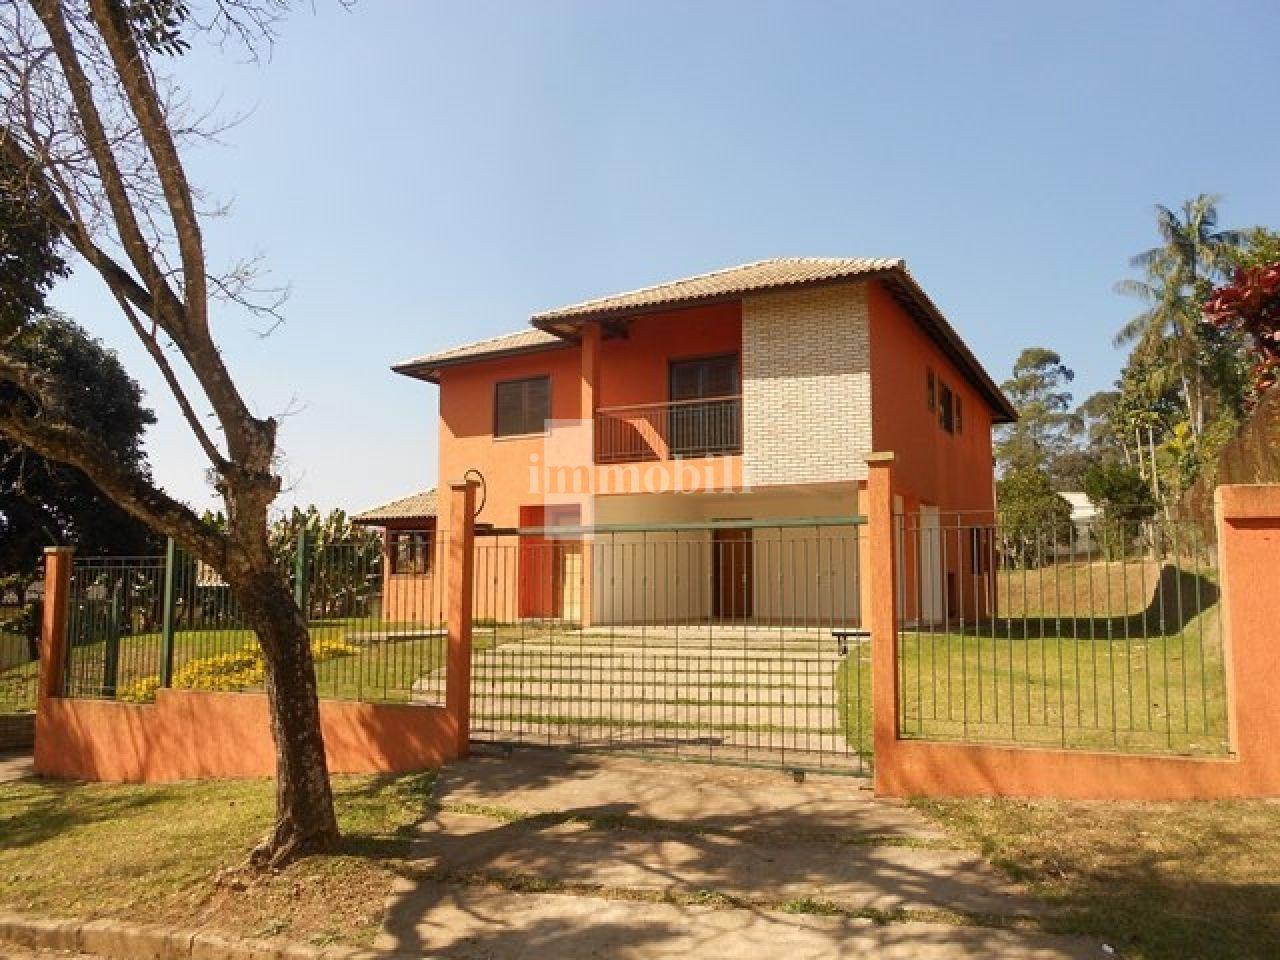 Casa Em Condomínio para Venda - Los Álamos